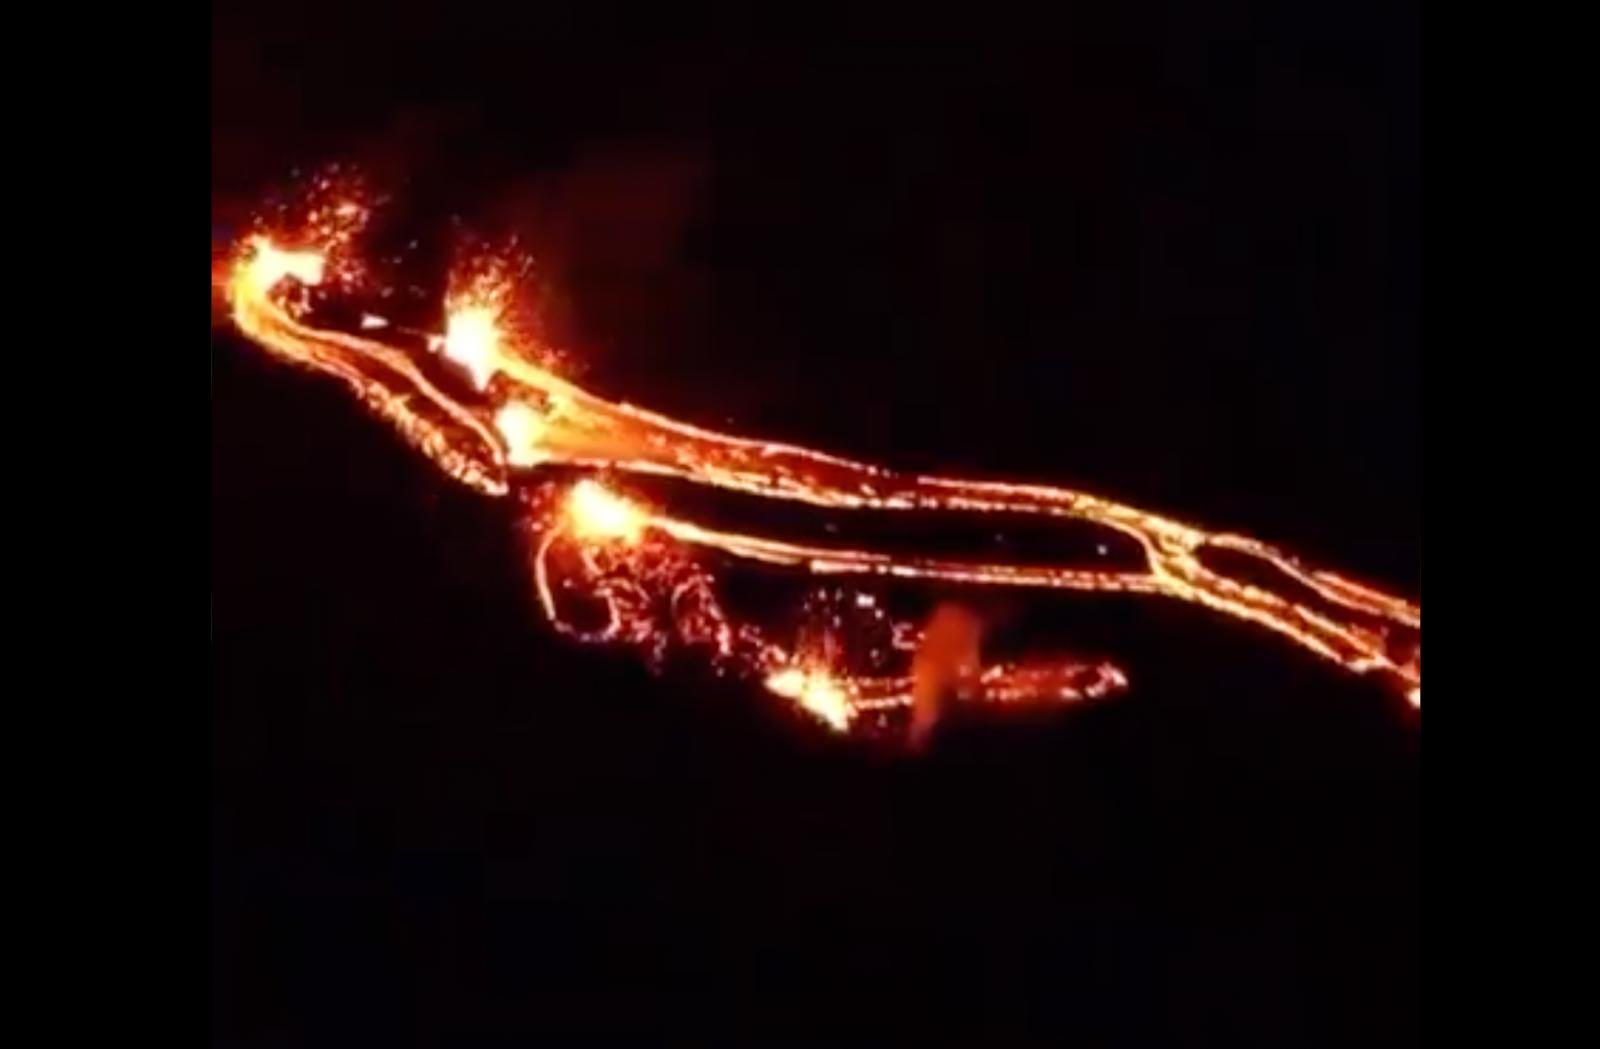 ภูเขาไฟปะทุในคองโก คนนับพันหนีตายหลังธารลาวาหลั่งไหลเข้าบ้านเรือน